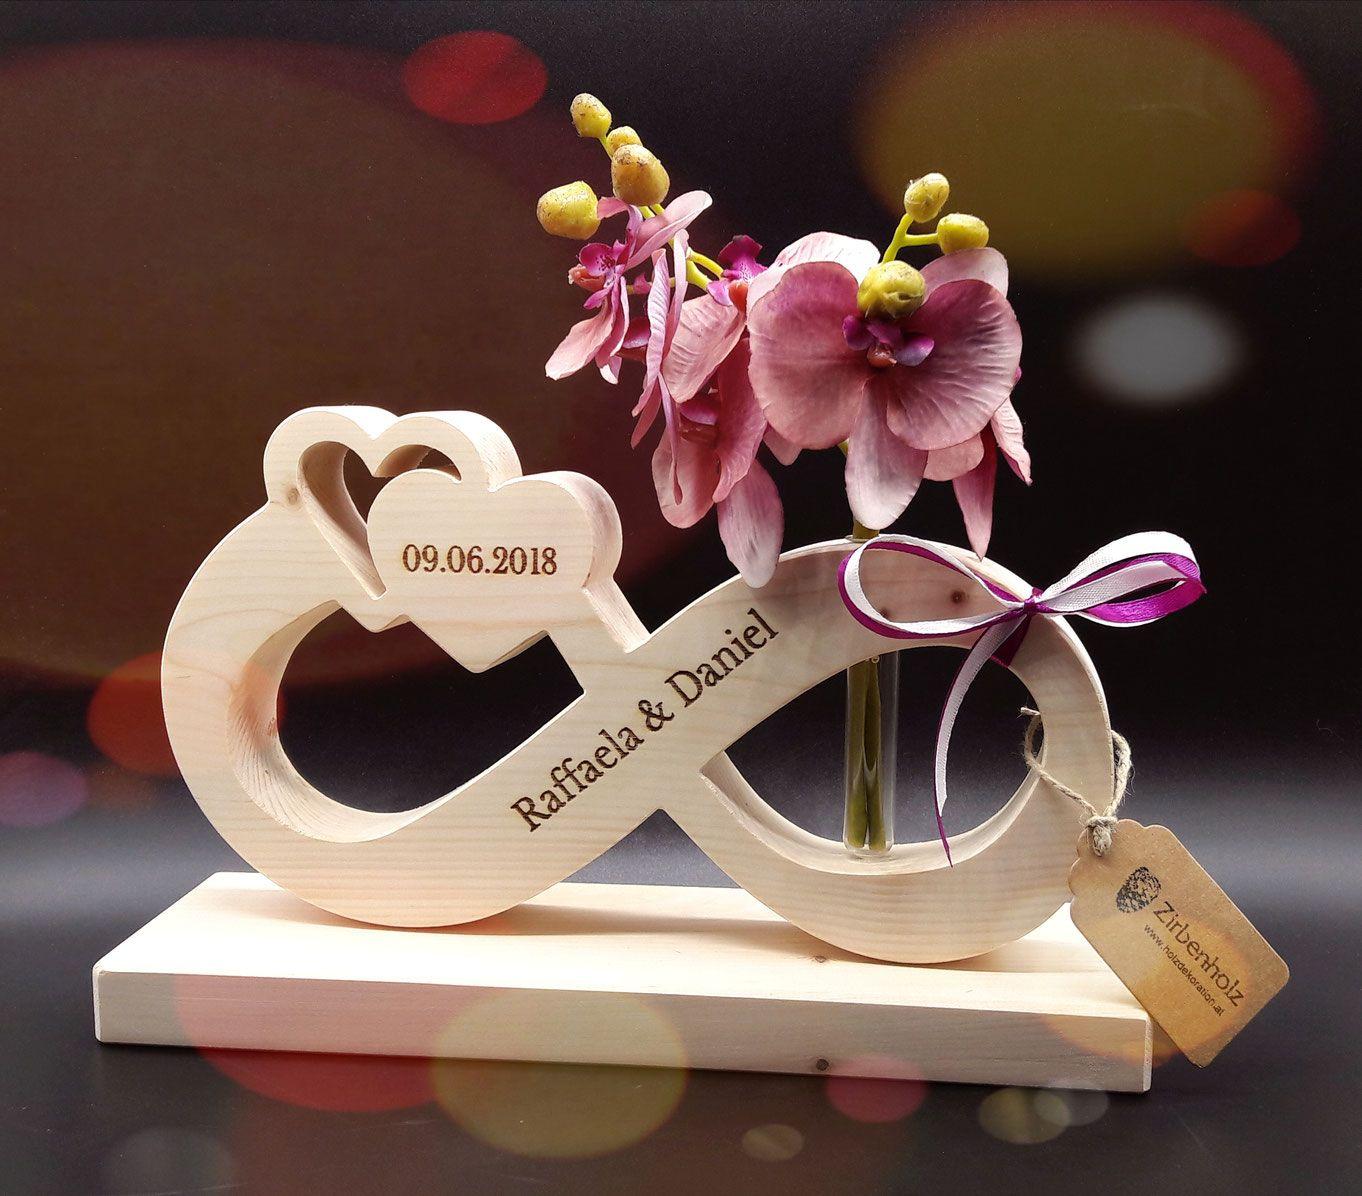 Hochzeitsgeschenke Aus Holz Die 20 Schonsten Ideen Tipps